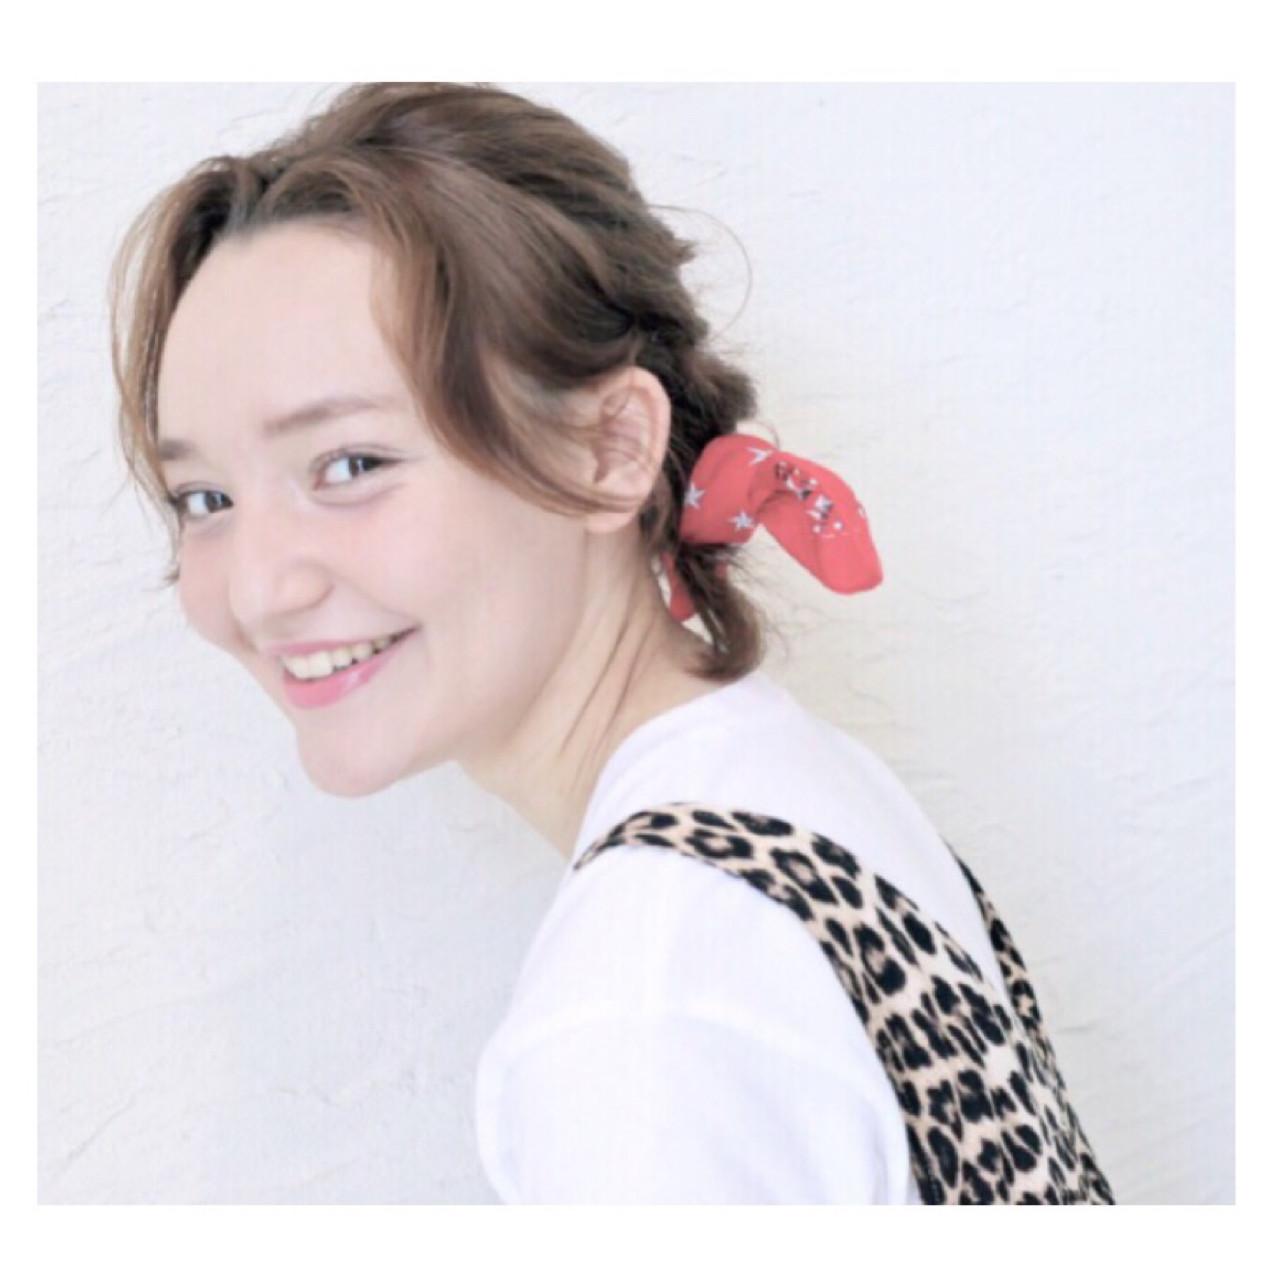 レトロが流行ってる今だから。絶対挑戦したくなるスカーフアレンジ! 原田直美